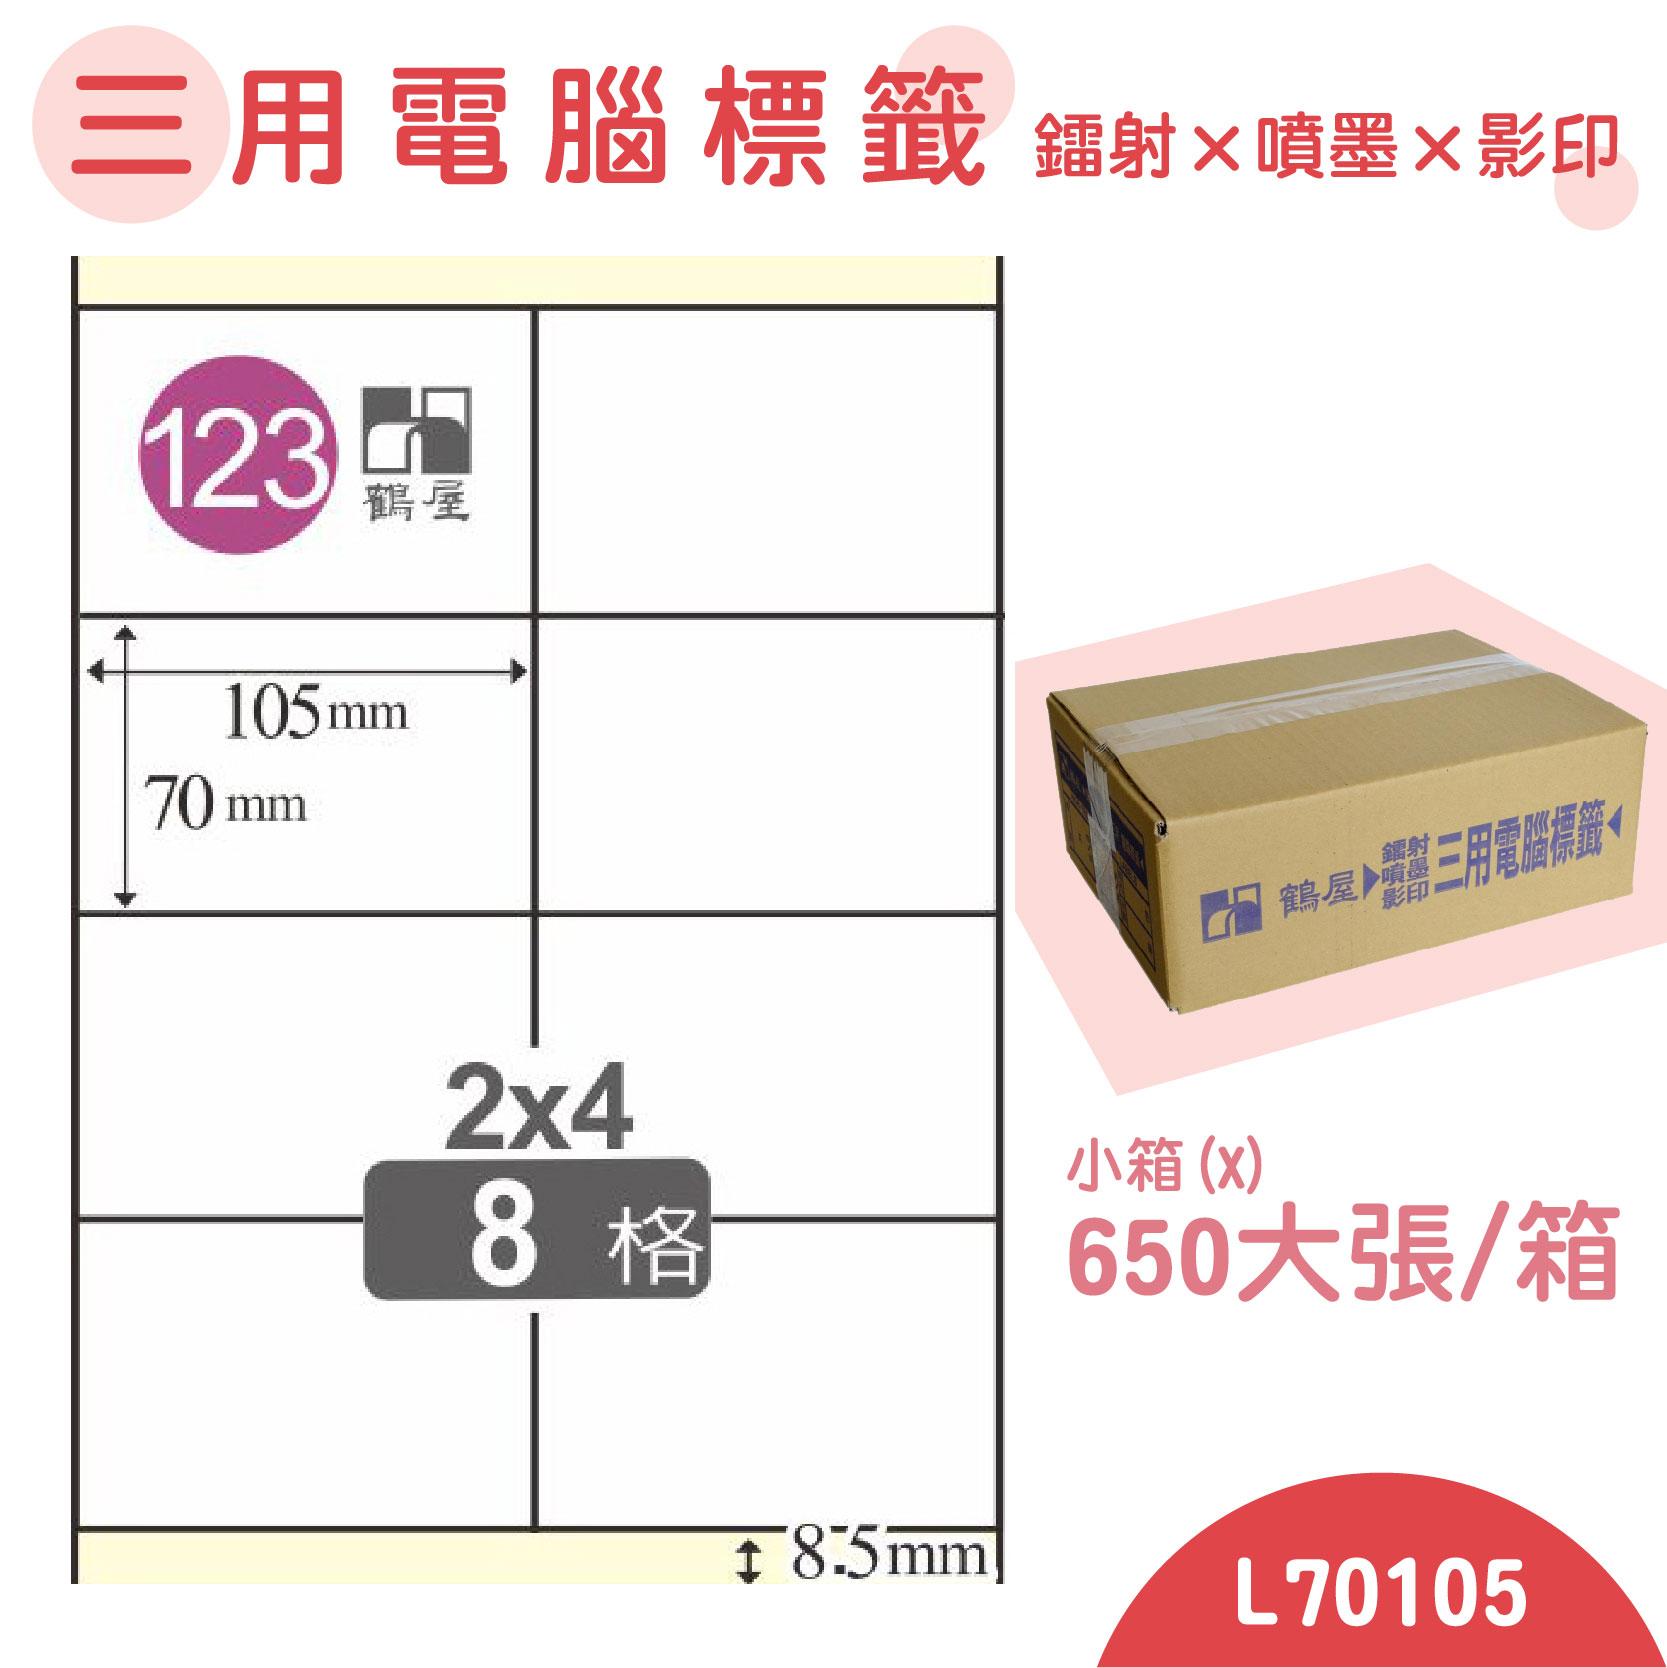 電腦標籤紙(鶴屋) 白色 L70105 8格 650大張/小箱 影印 雷射 噴墨 三用 標籤 貼紙 信封 光碟 名條